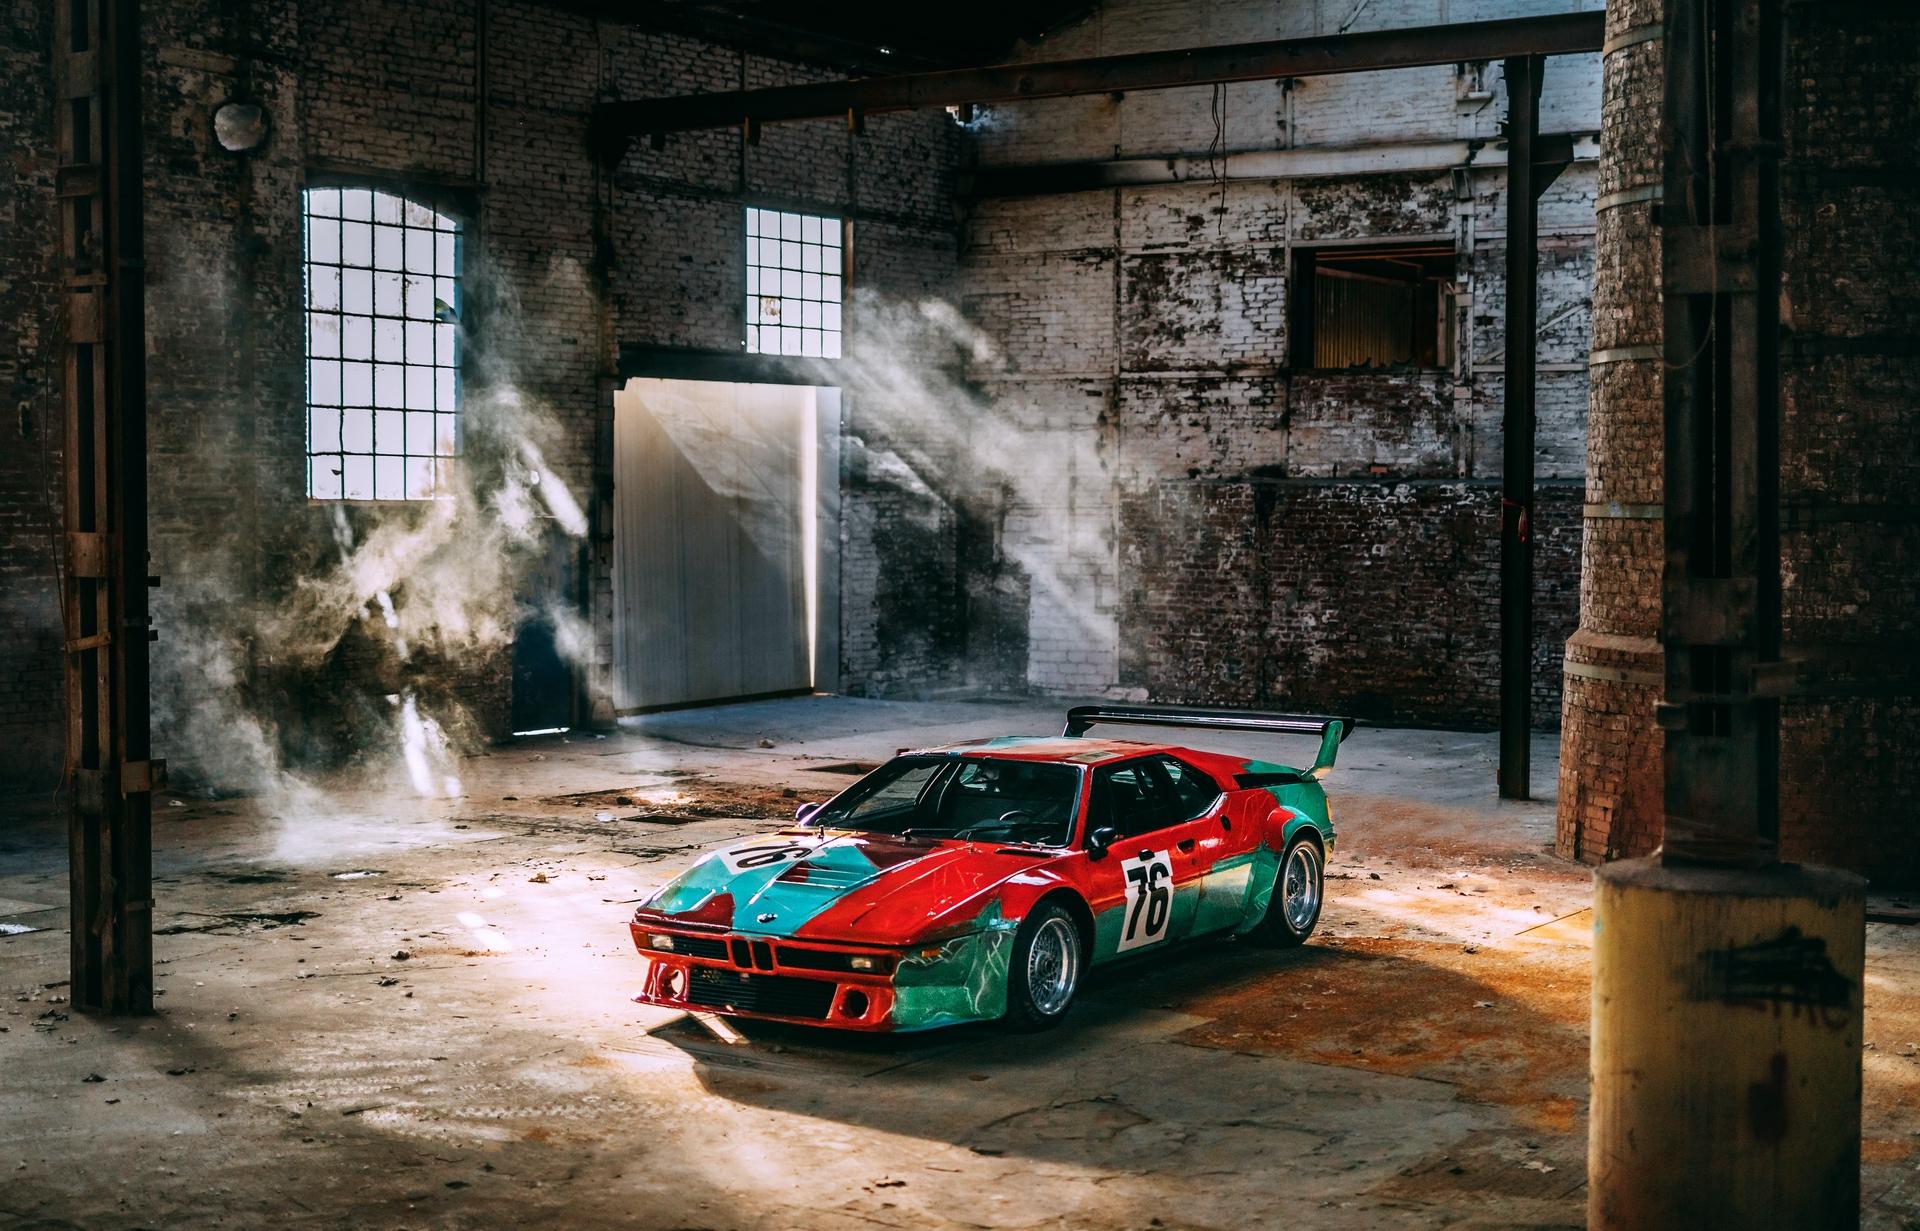 BMW_M1_Art_Car_by_Andy_Warhol_0001